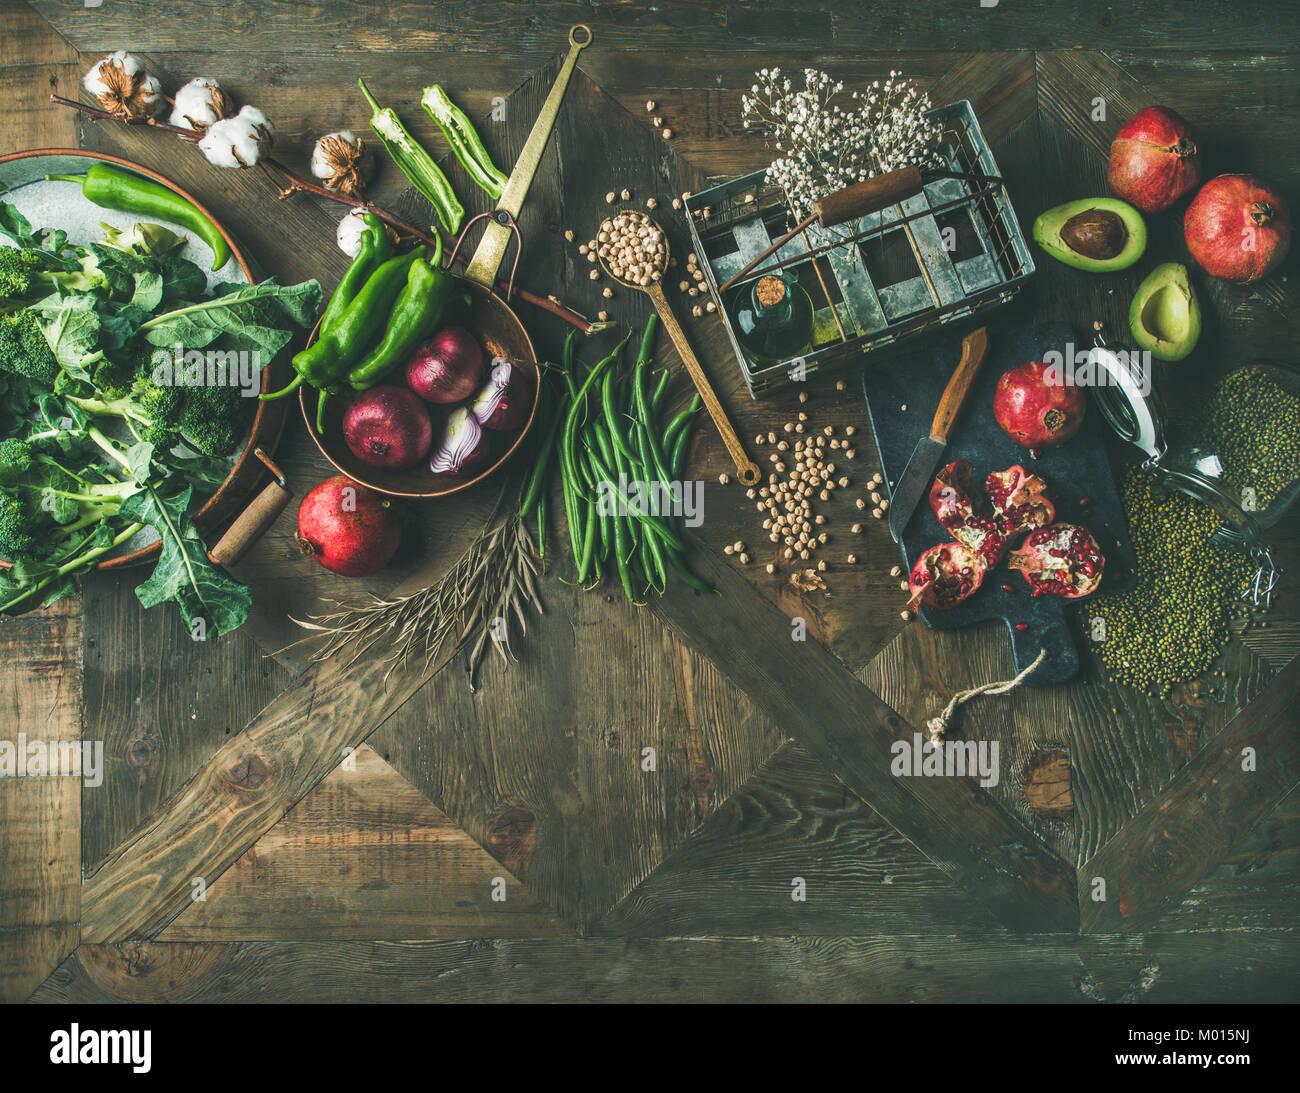 Télévision à jeter de l'hiver l'alimentation végétarienne ou végétalienne Photo Stock